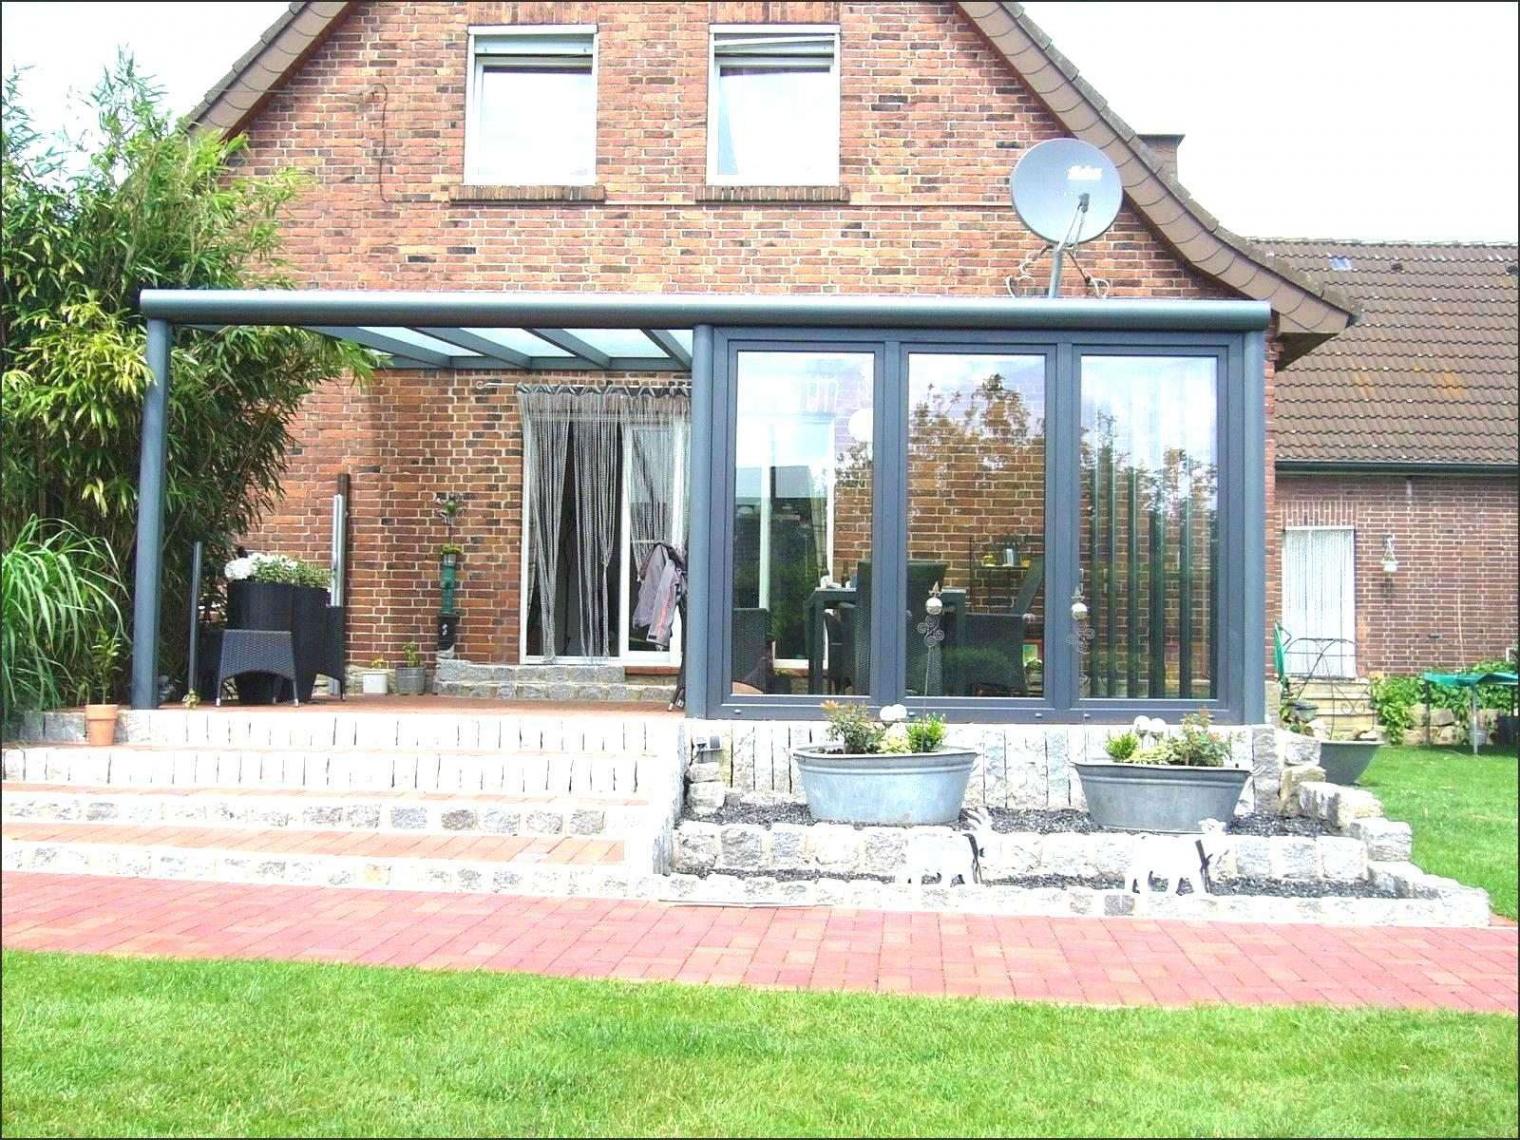 Balkon Gestalten Inspirierend Langer Schmaler Balkon Gestalten — Temobardz Home Blog